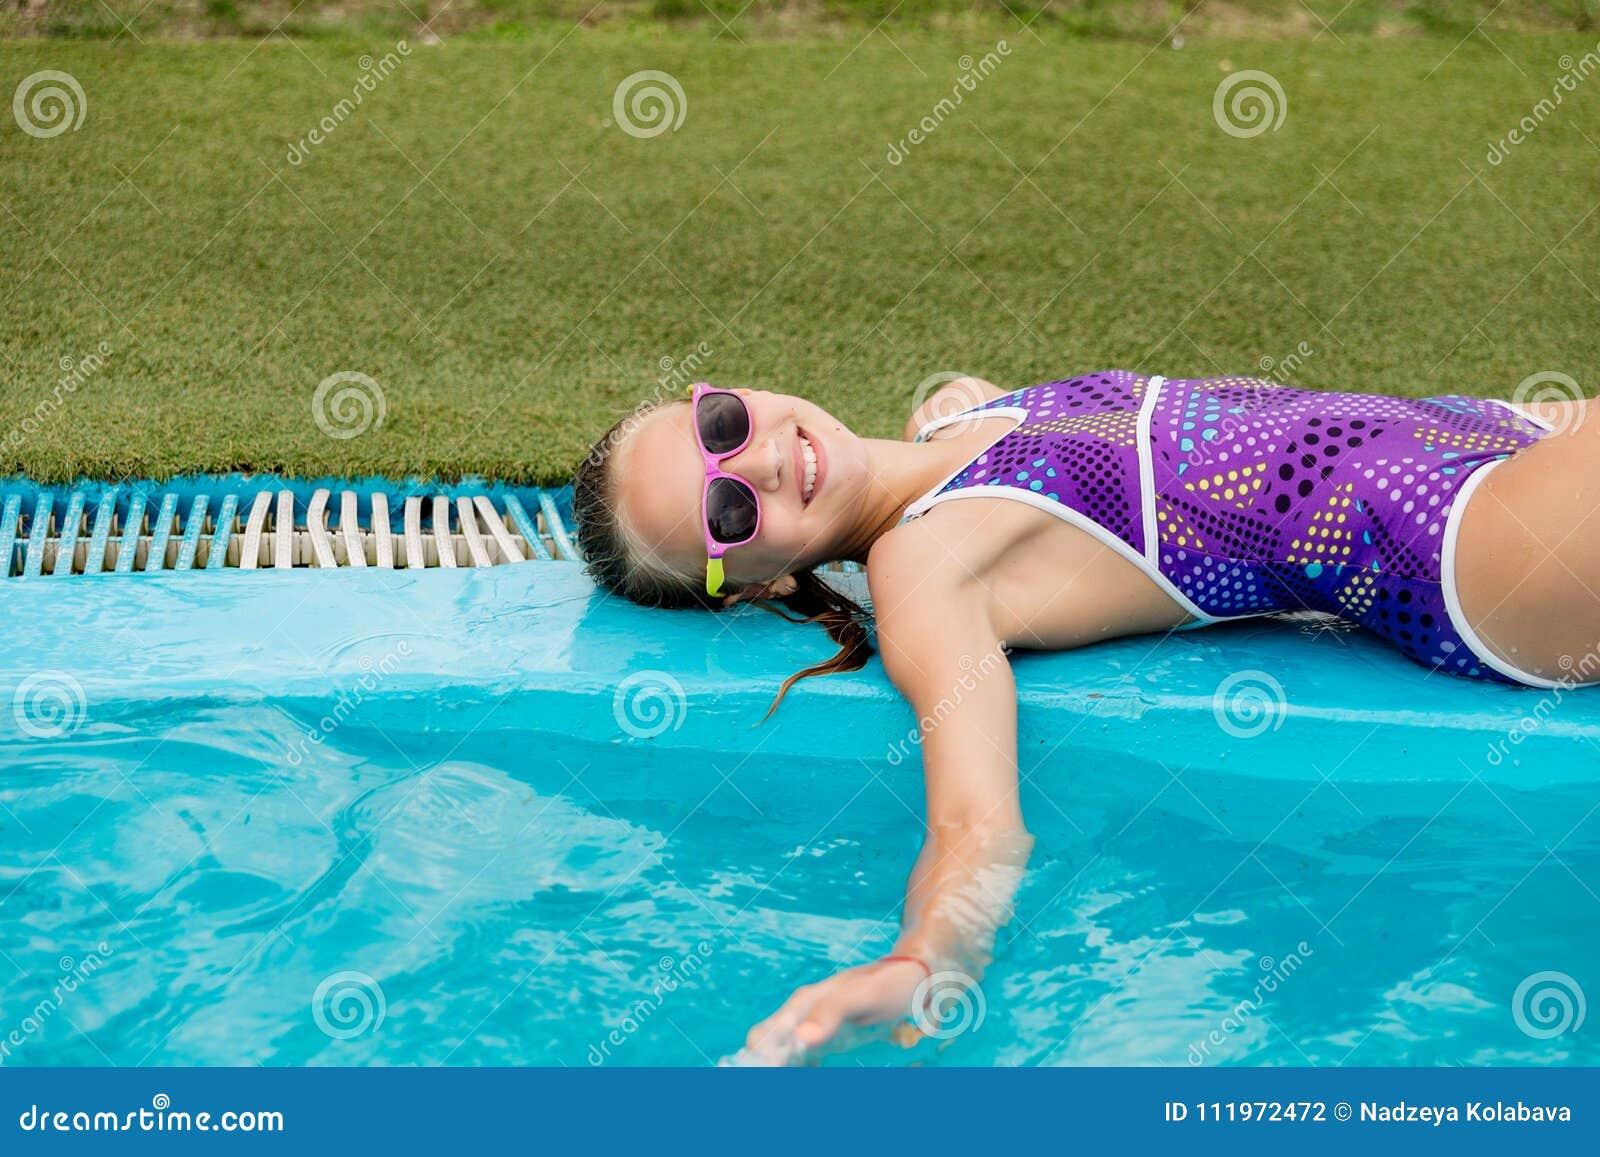 девушка плавает в бассейне в капроновых колготках печально знаменитый